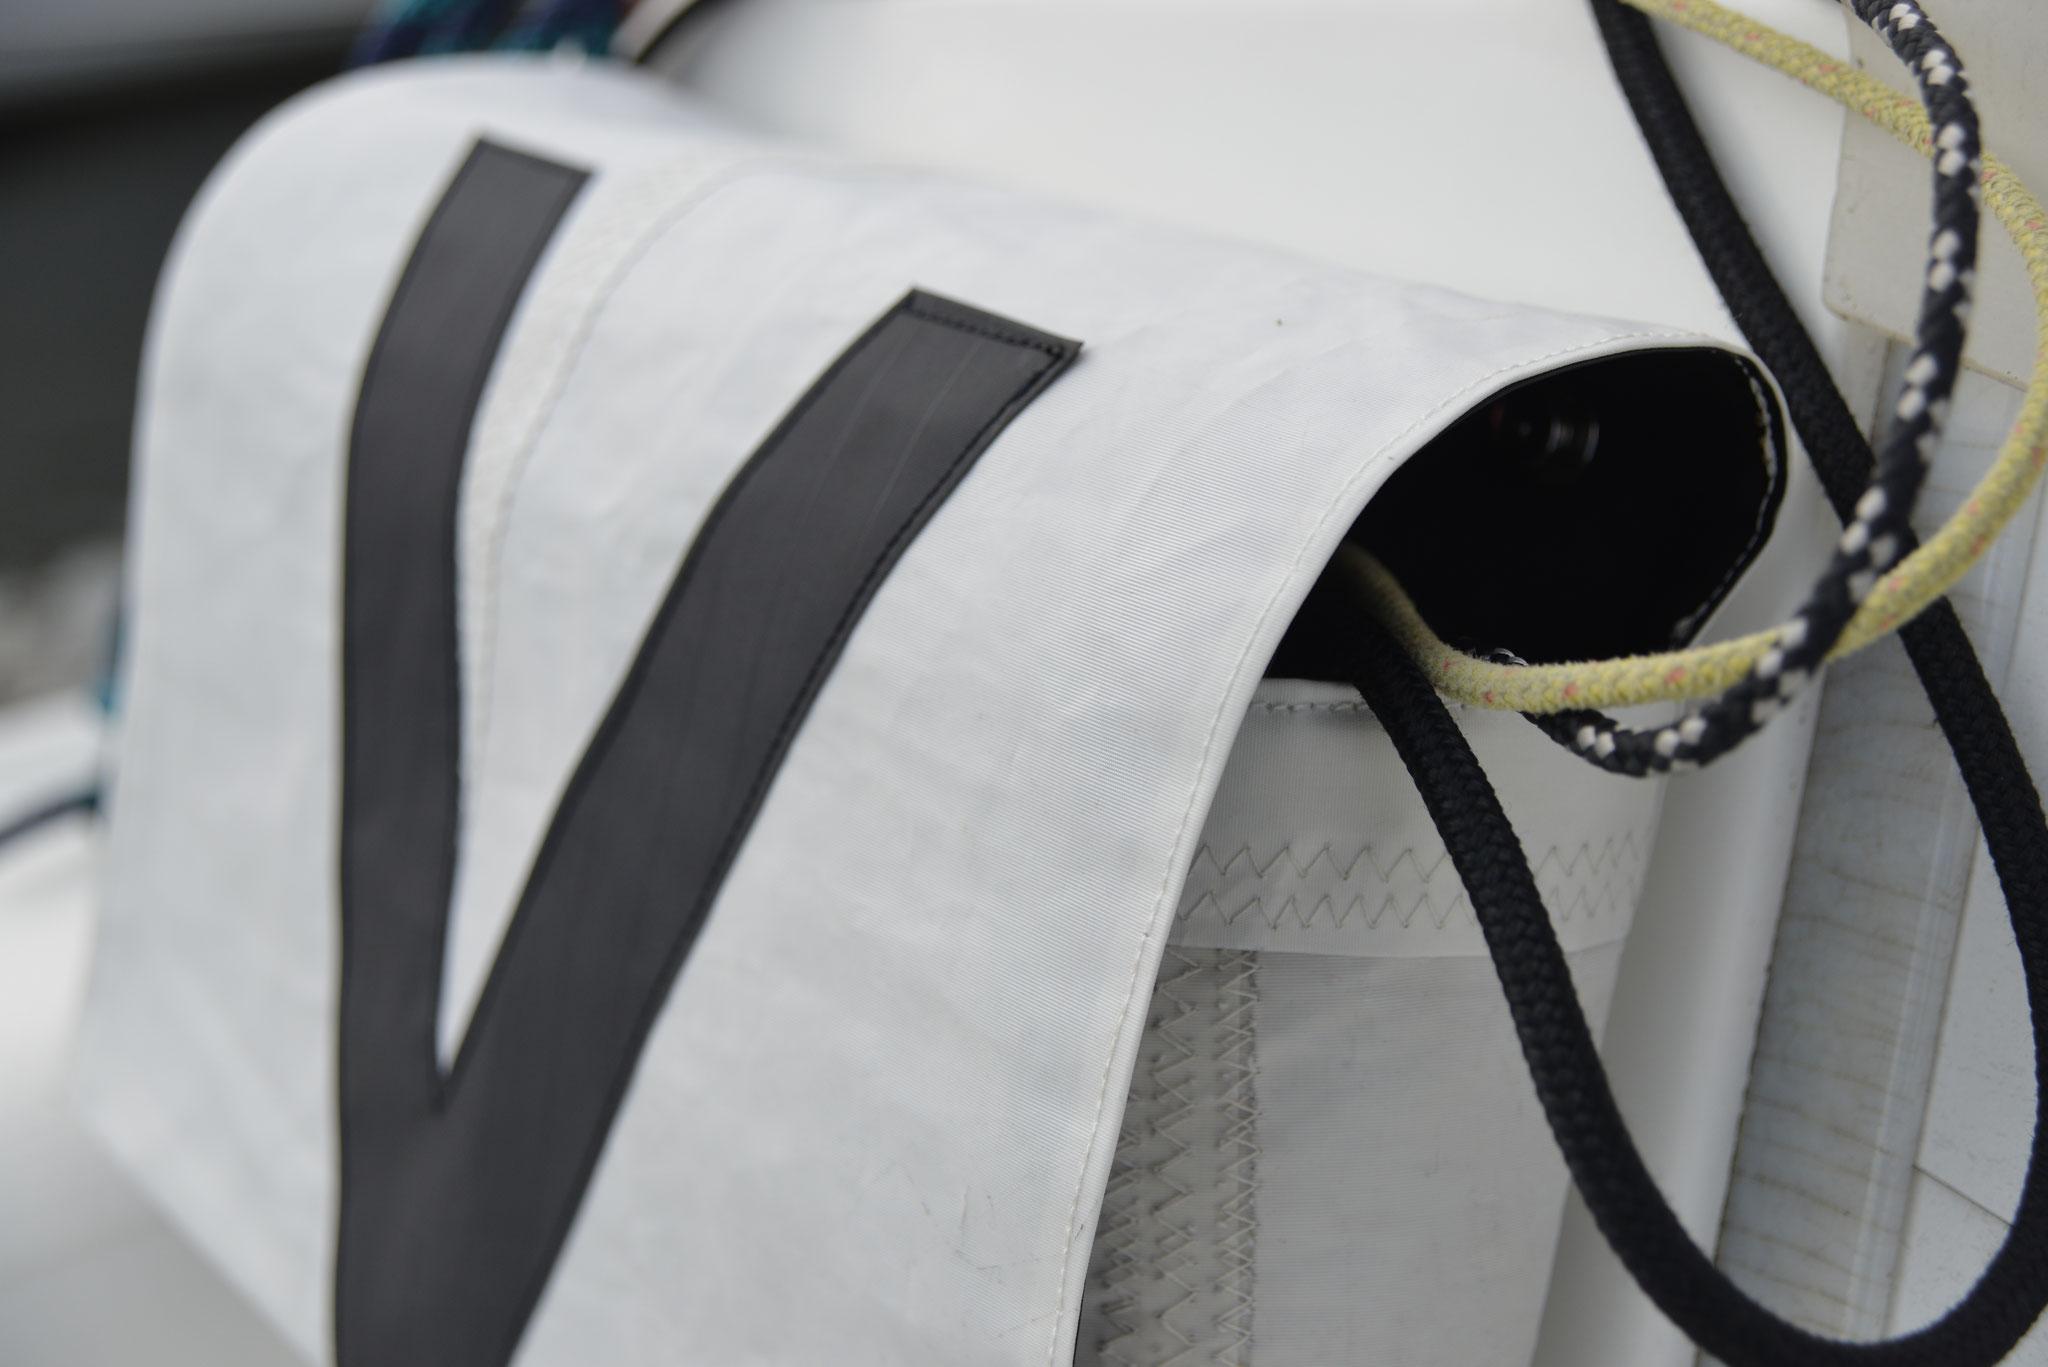 optimal abgestimmte Seitenöffnungen; oben um eingesetzte Leinen zu führen und unten um Wasser ablaufenzulassen